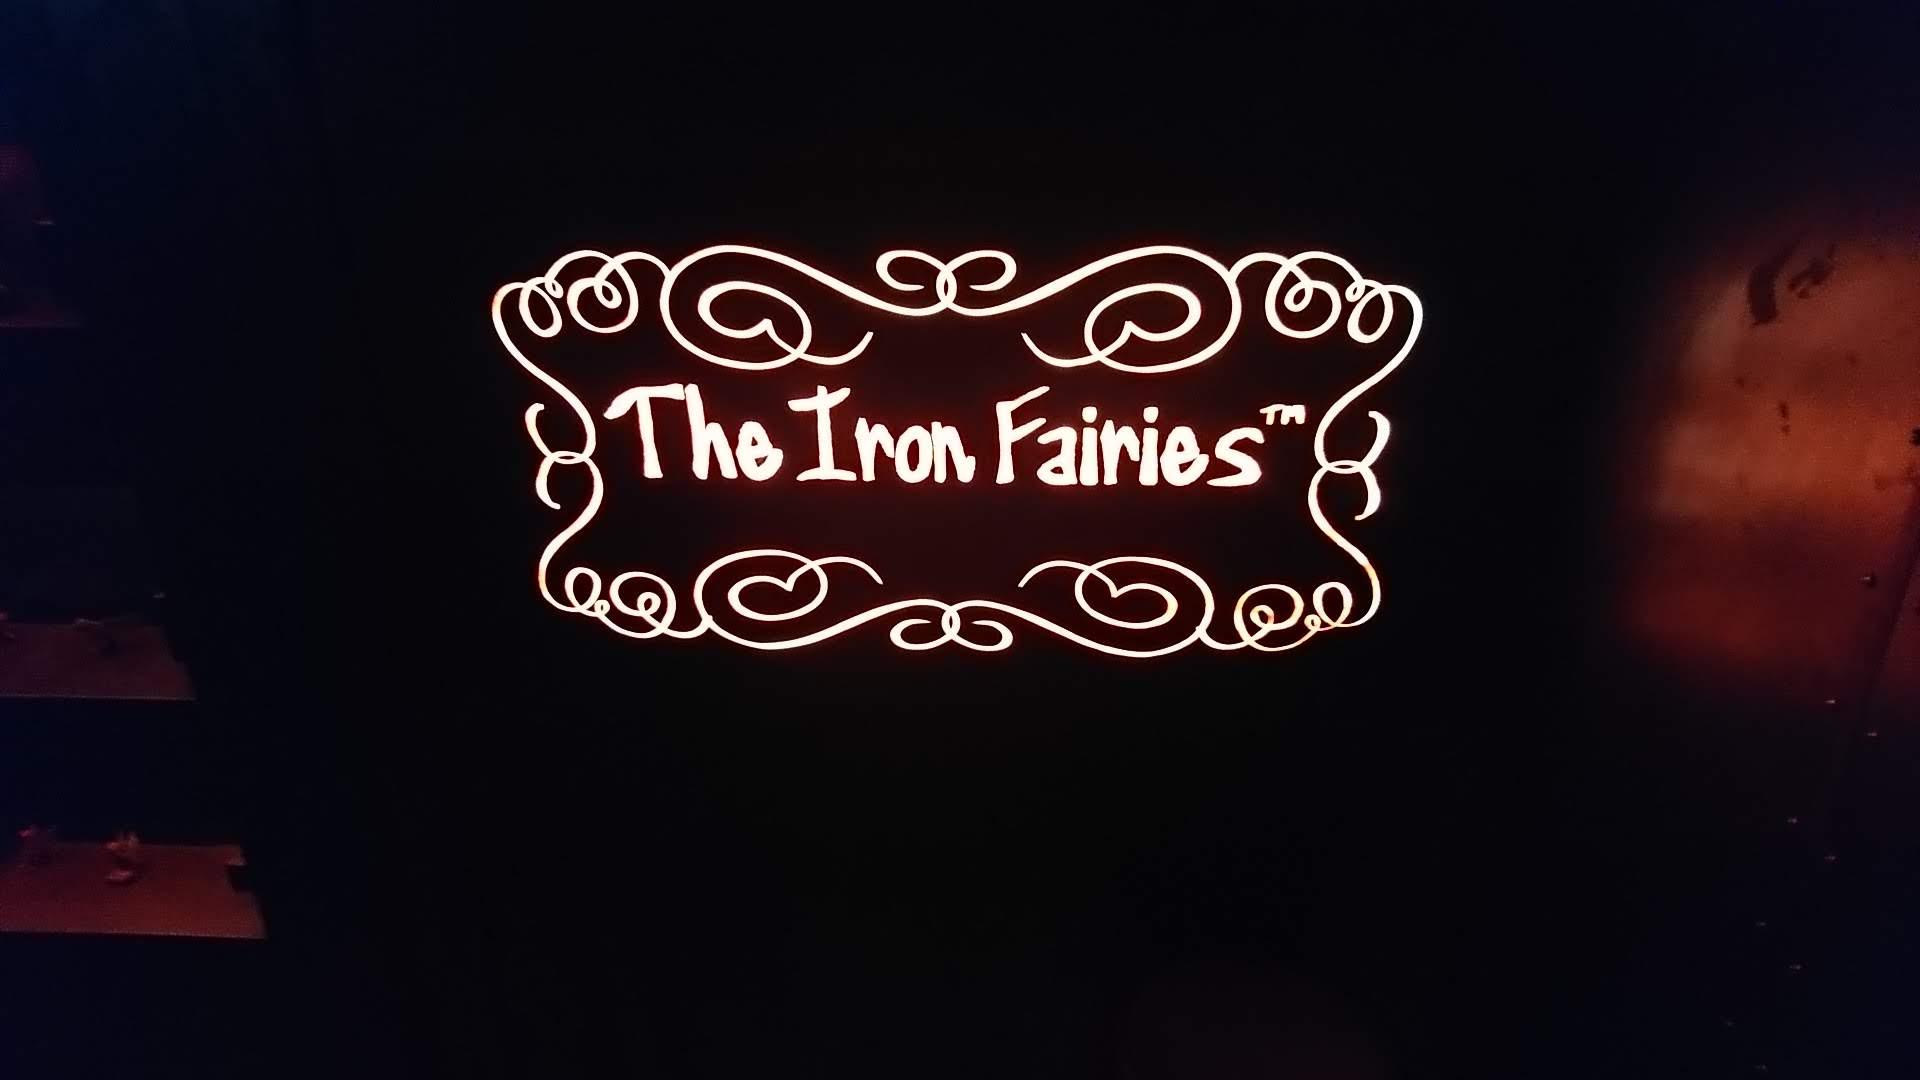 面白いカクテル があるお店 アイアンフェアリーズ ギンザ (The Iron Fairies Ginza